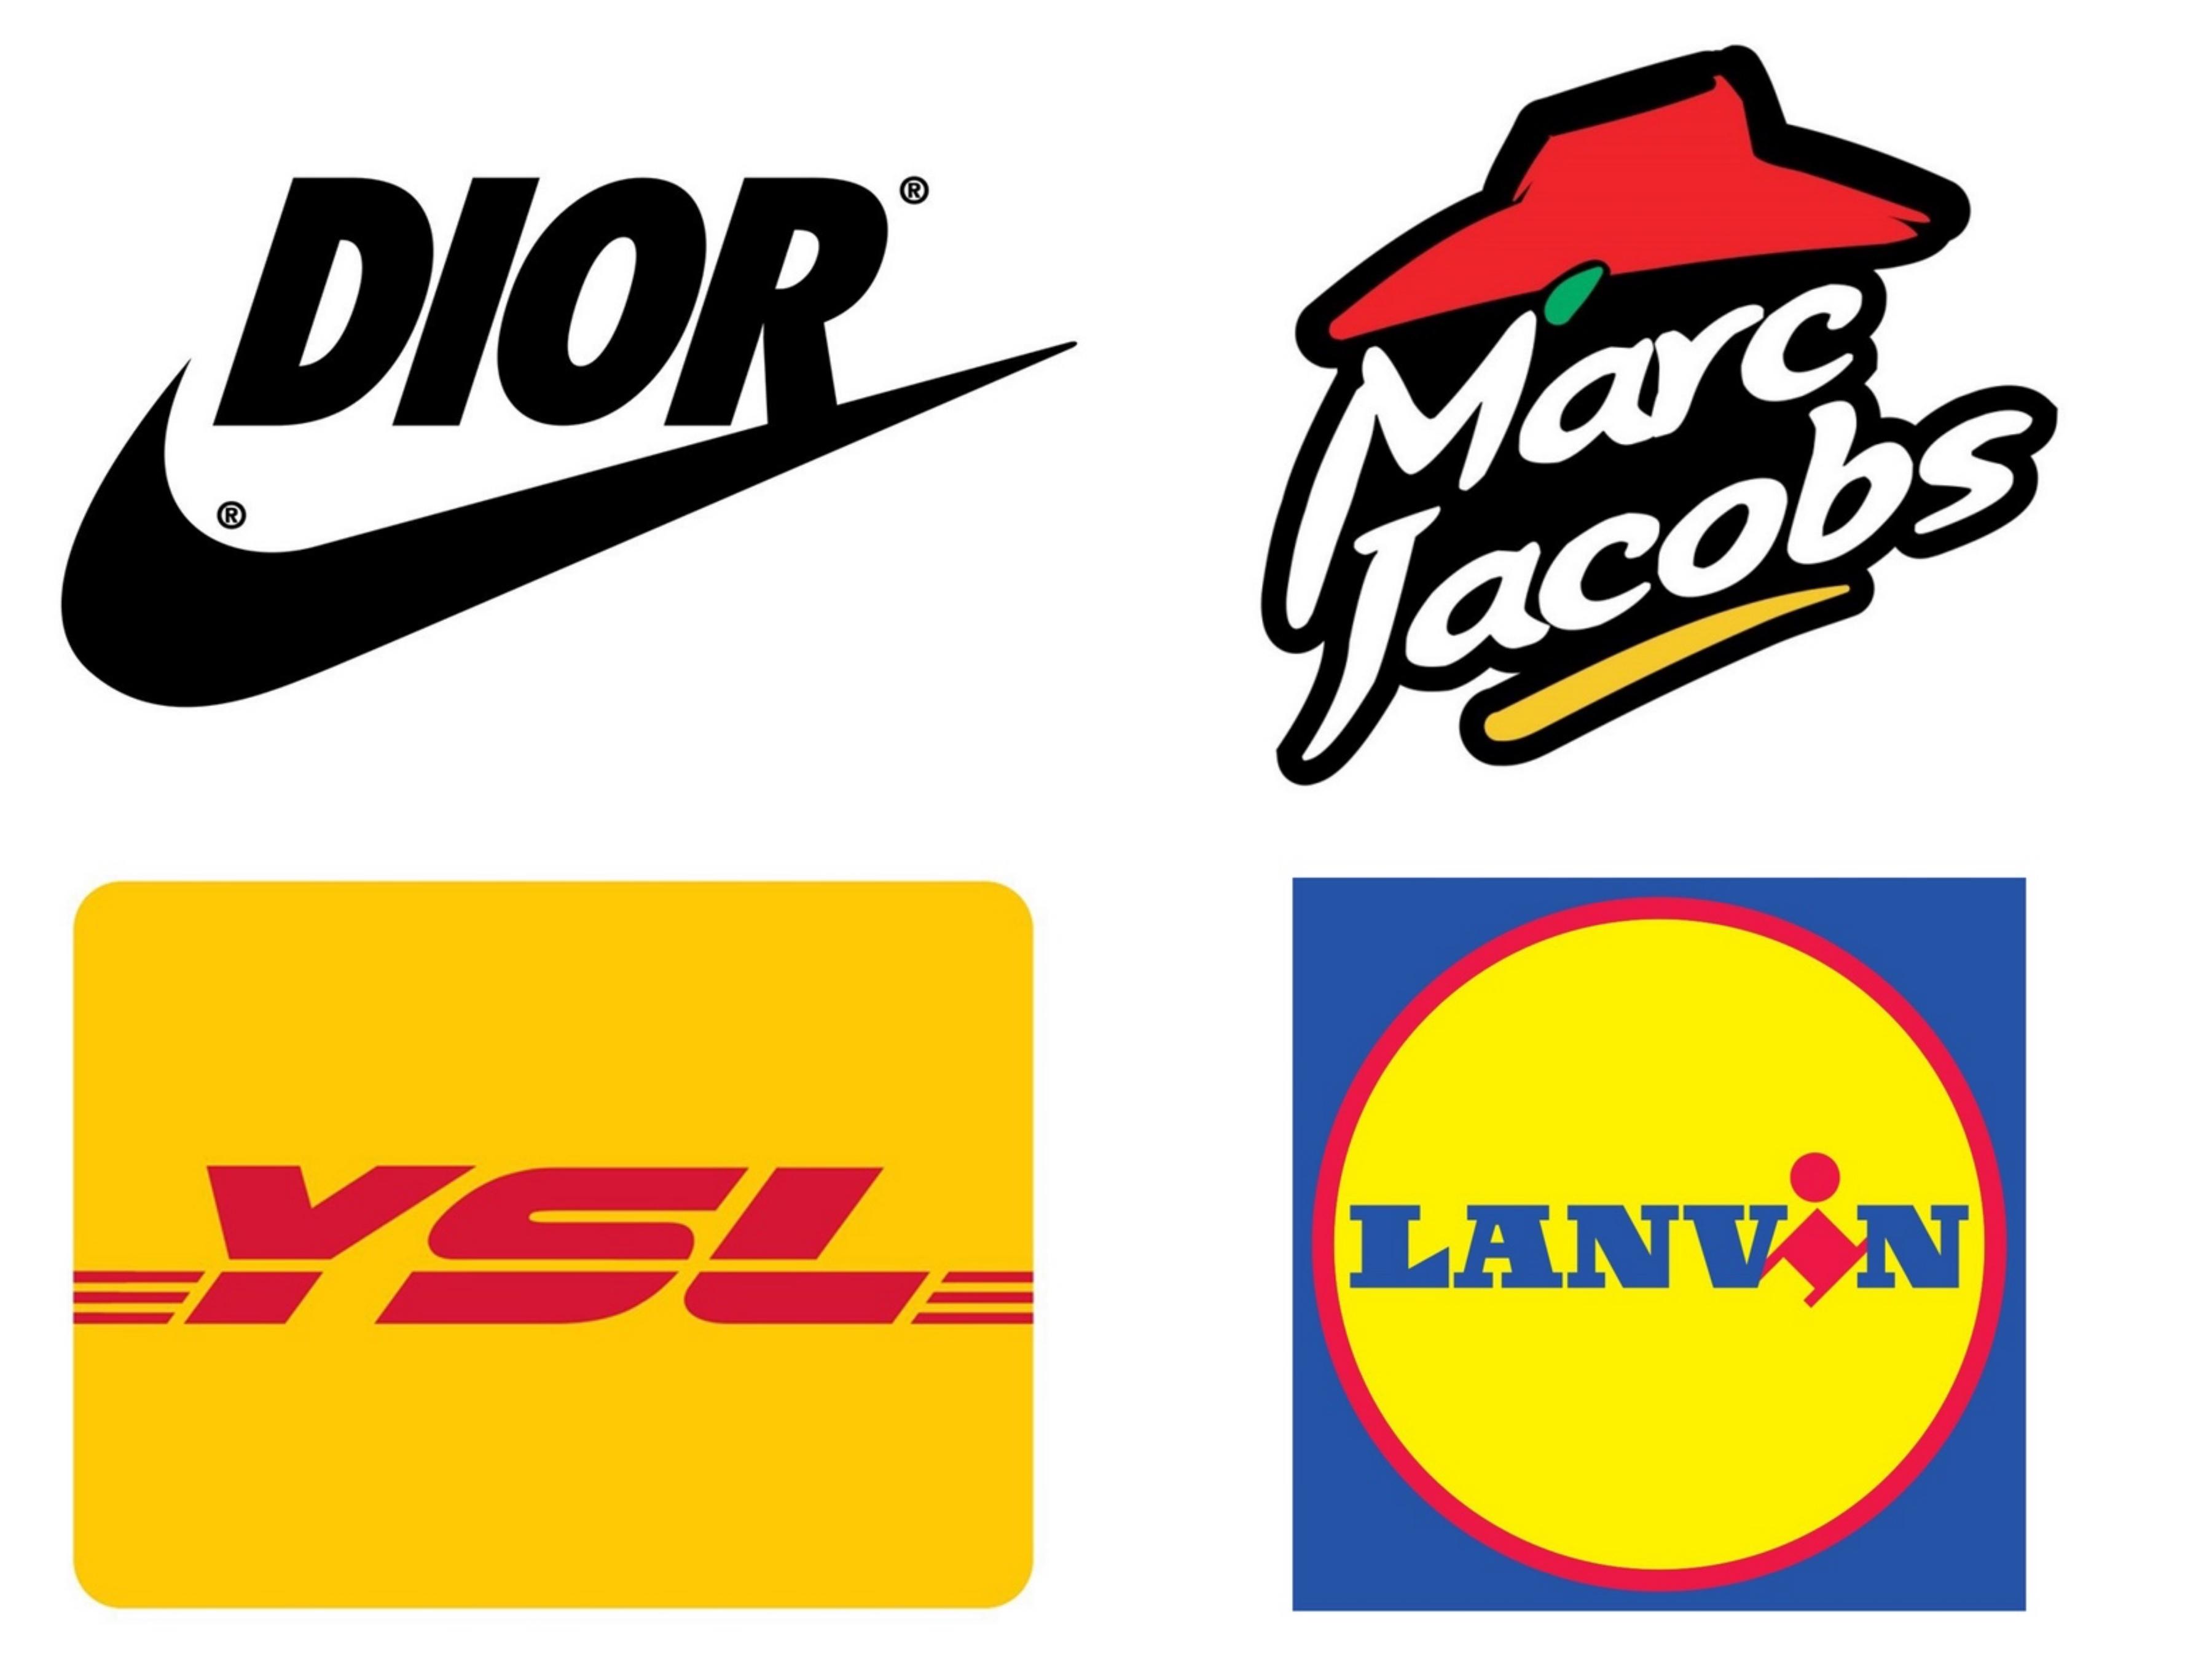 设计师reilly带来一系列时装品牌logo与经典品牌的混搭,把各种如nike